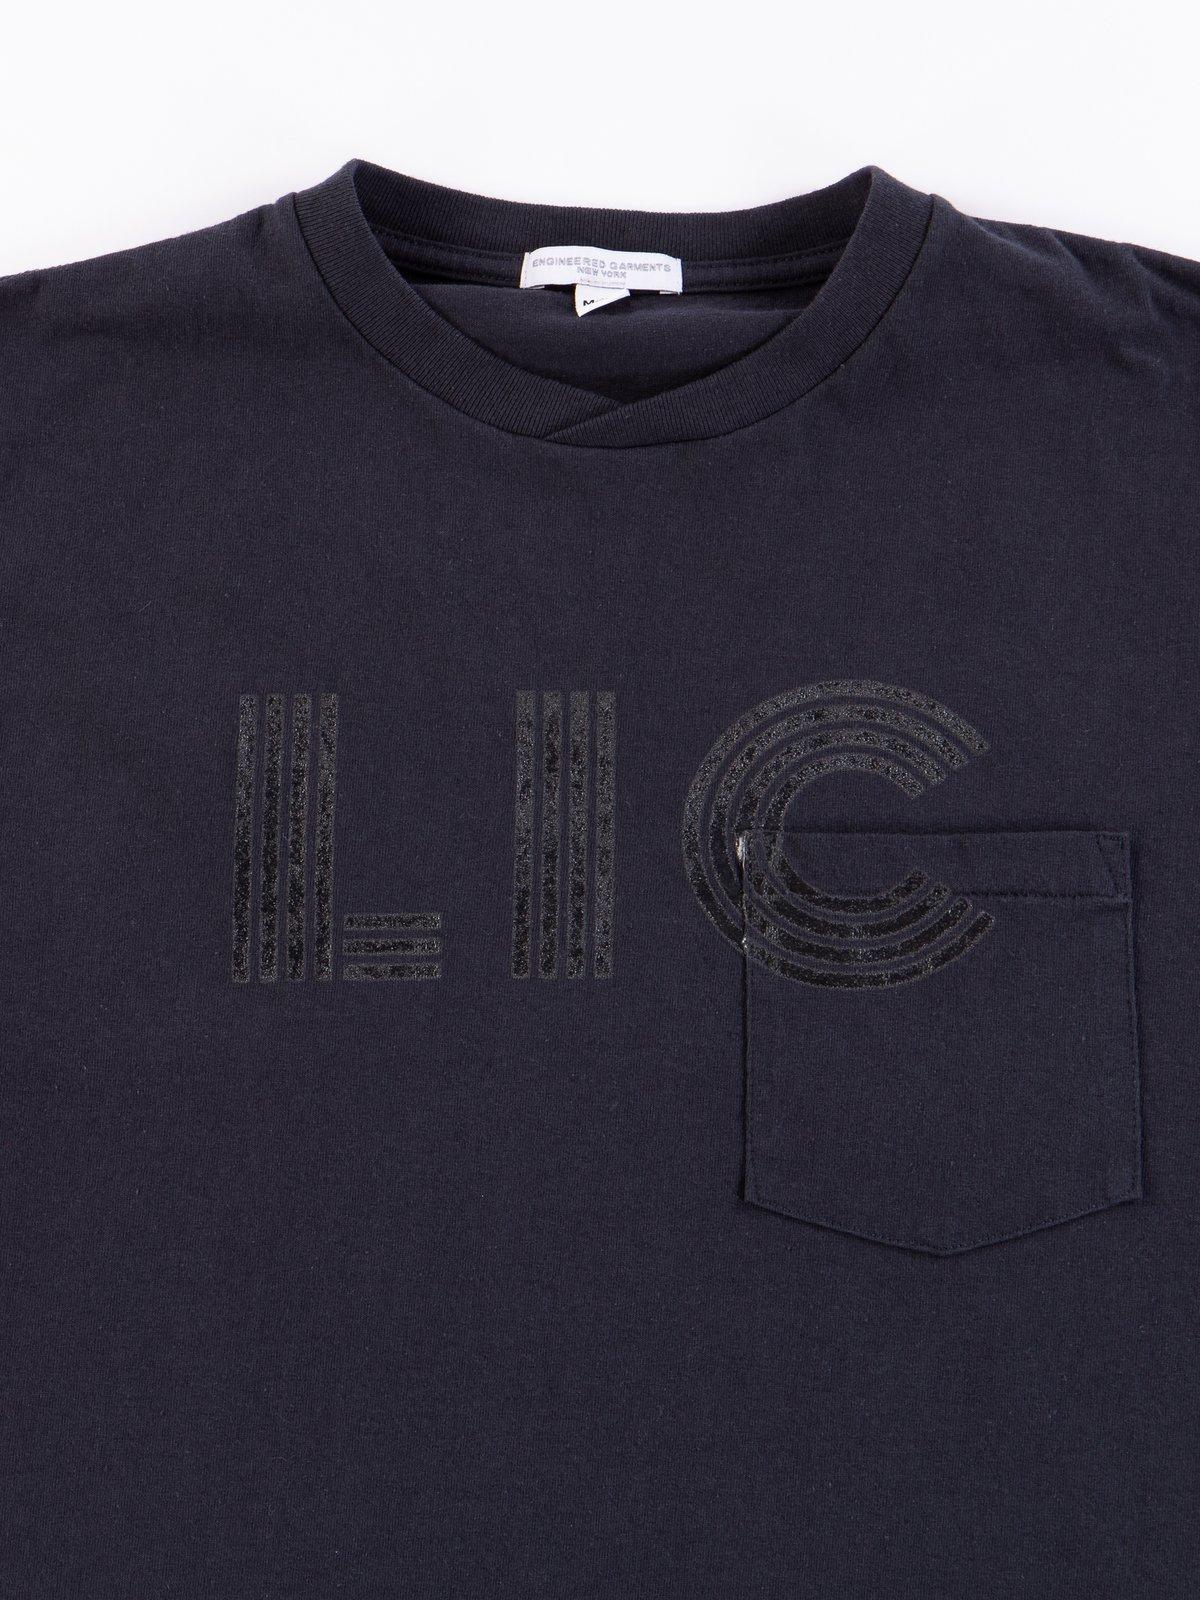 Navy LIC Printed T–Shirt - Image 3